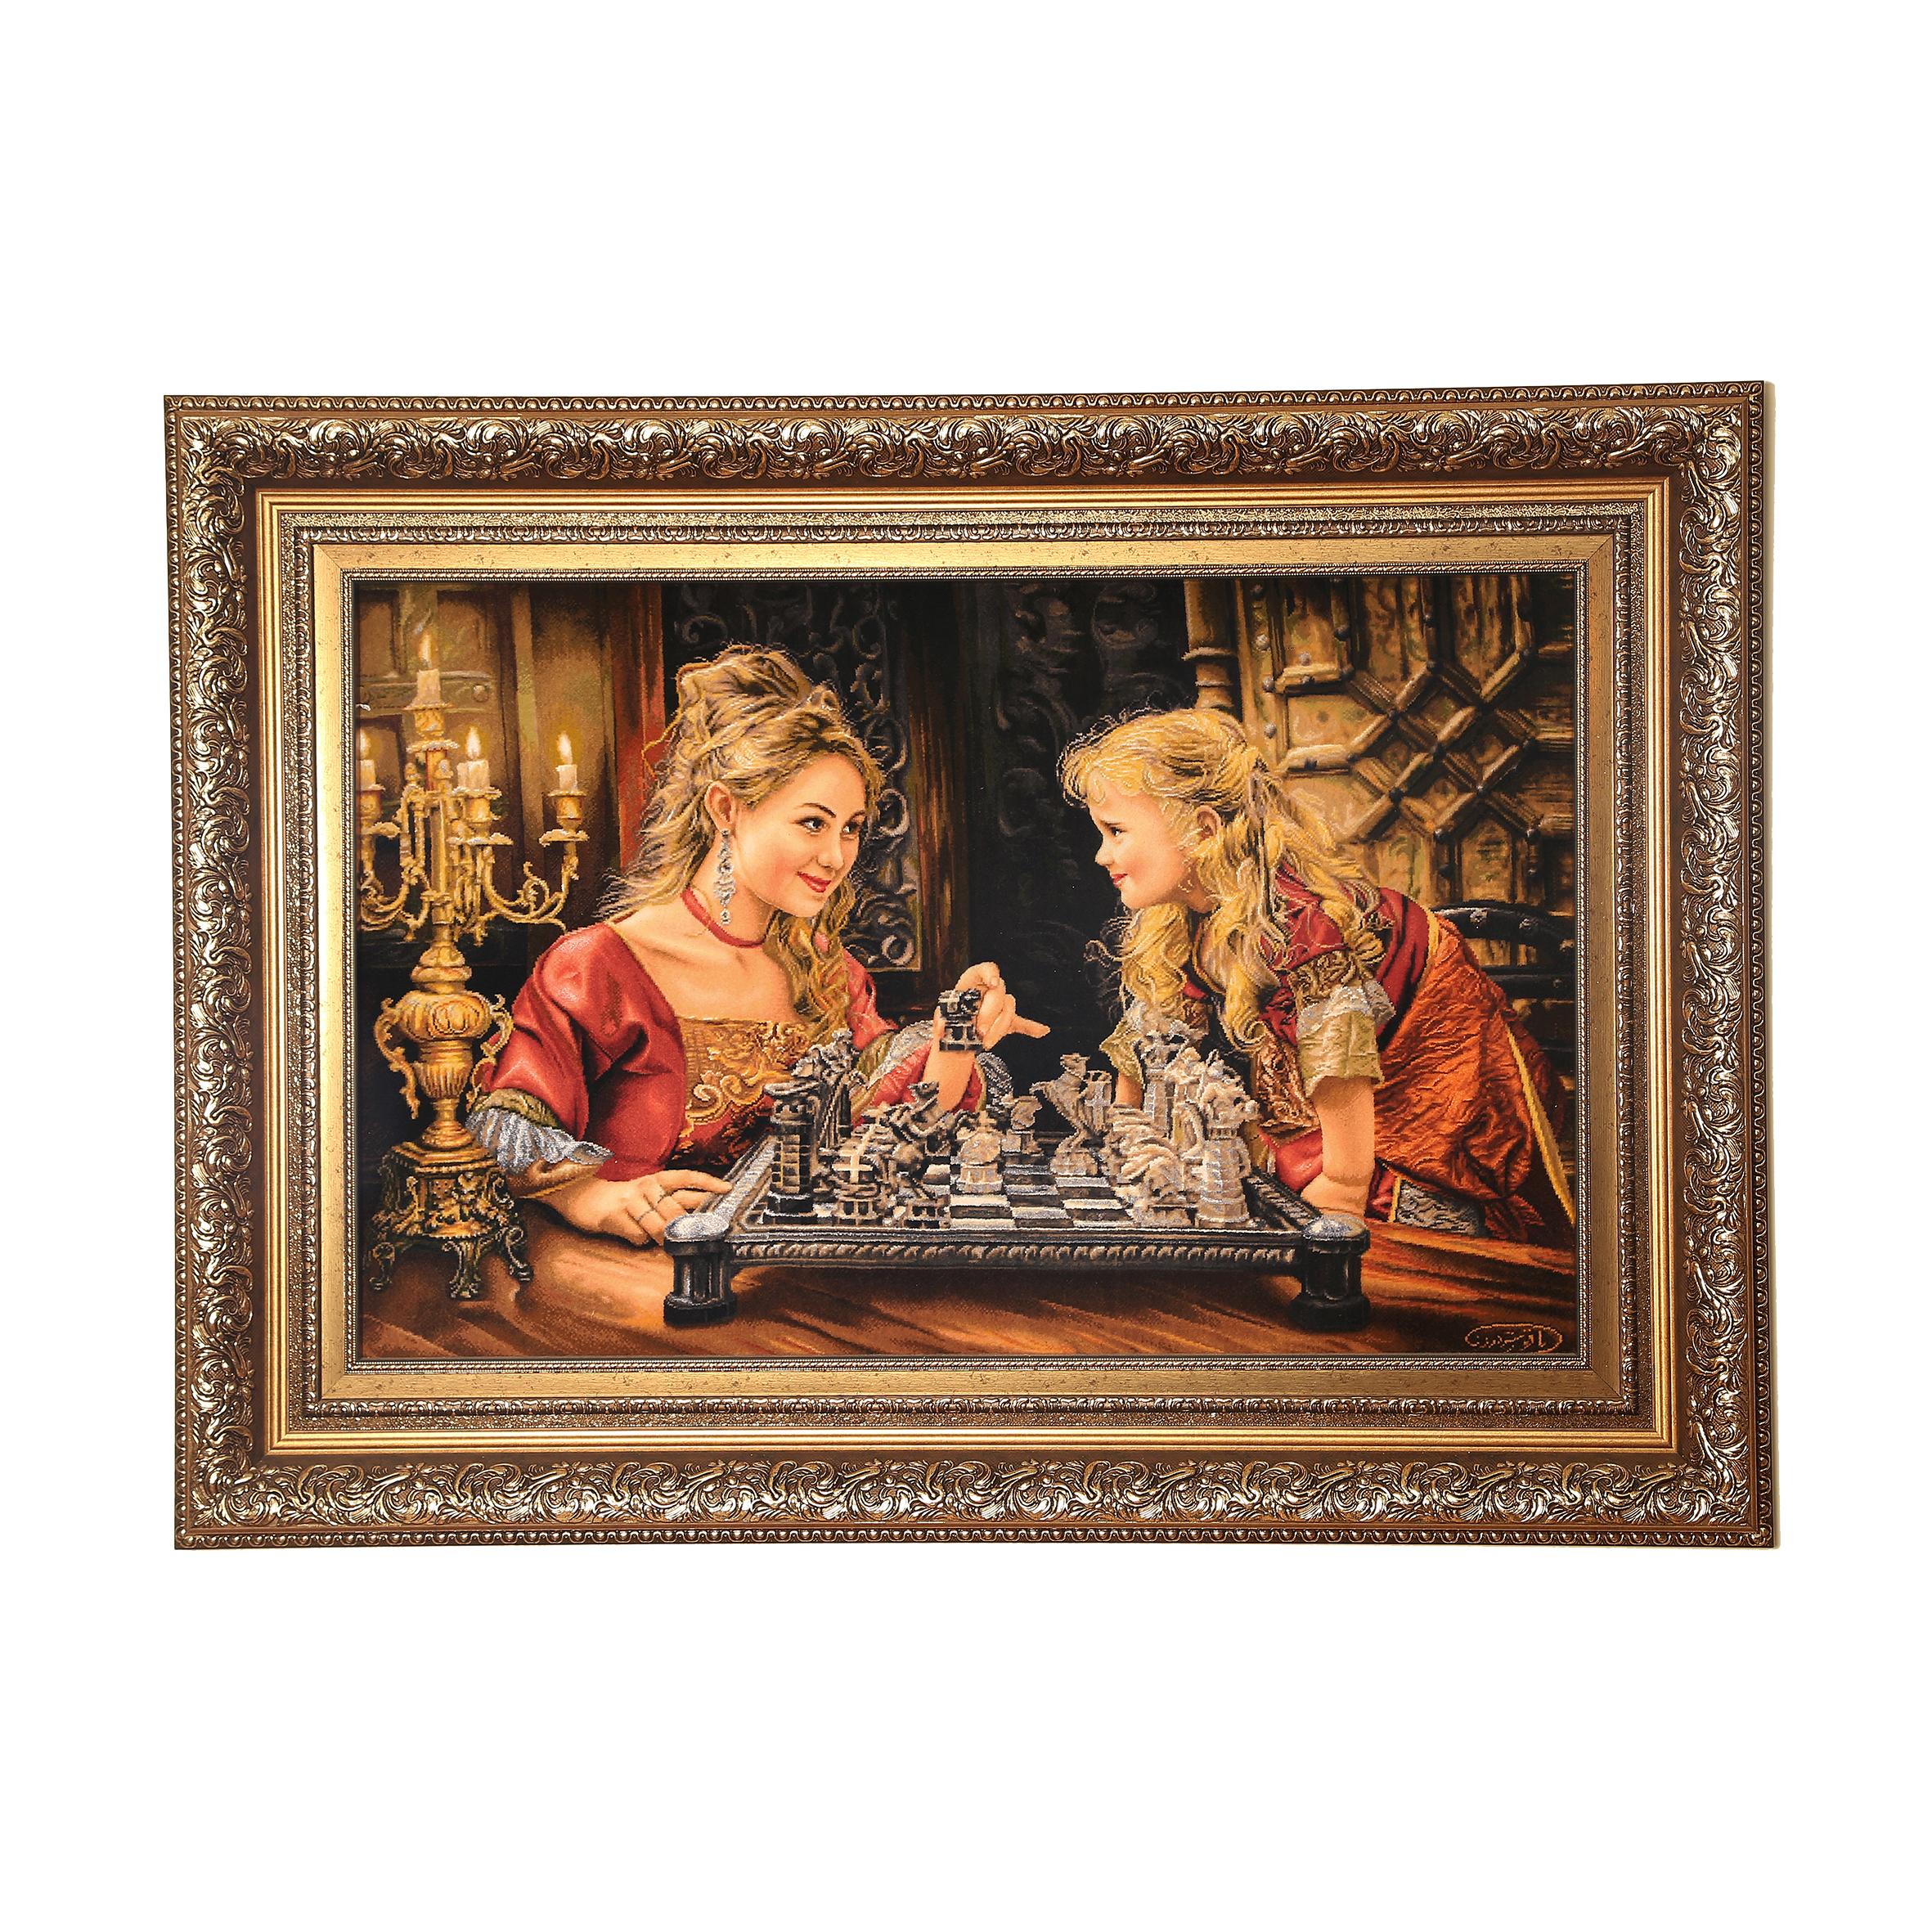 تابلو فرش دستبافت طرح شطرنج باز کد 1345